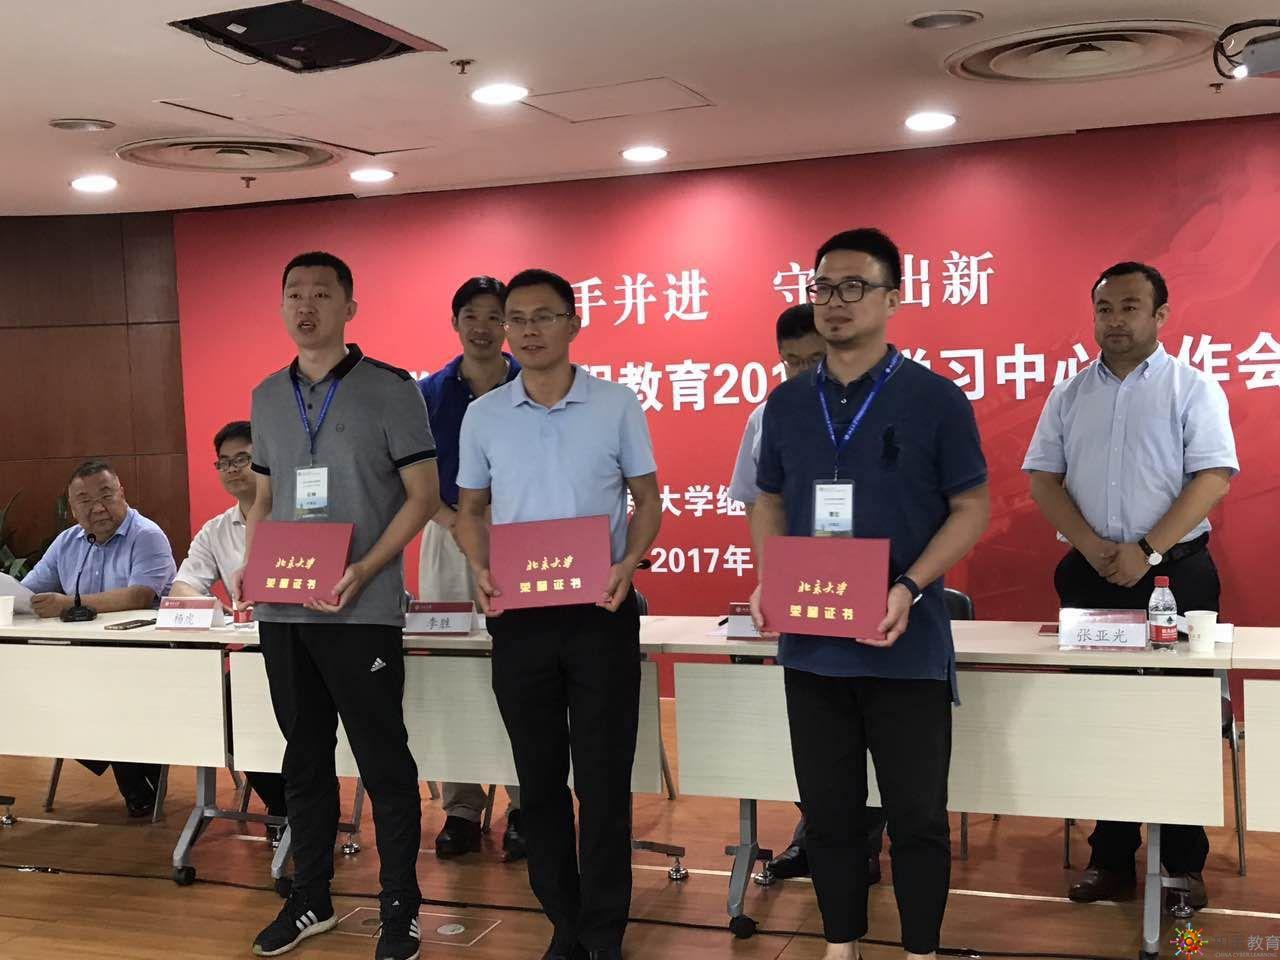 知金北京学习中心荣获北京大学优秀学习支持服务奖